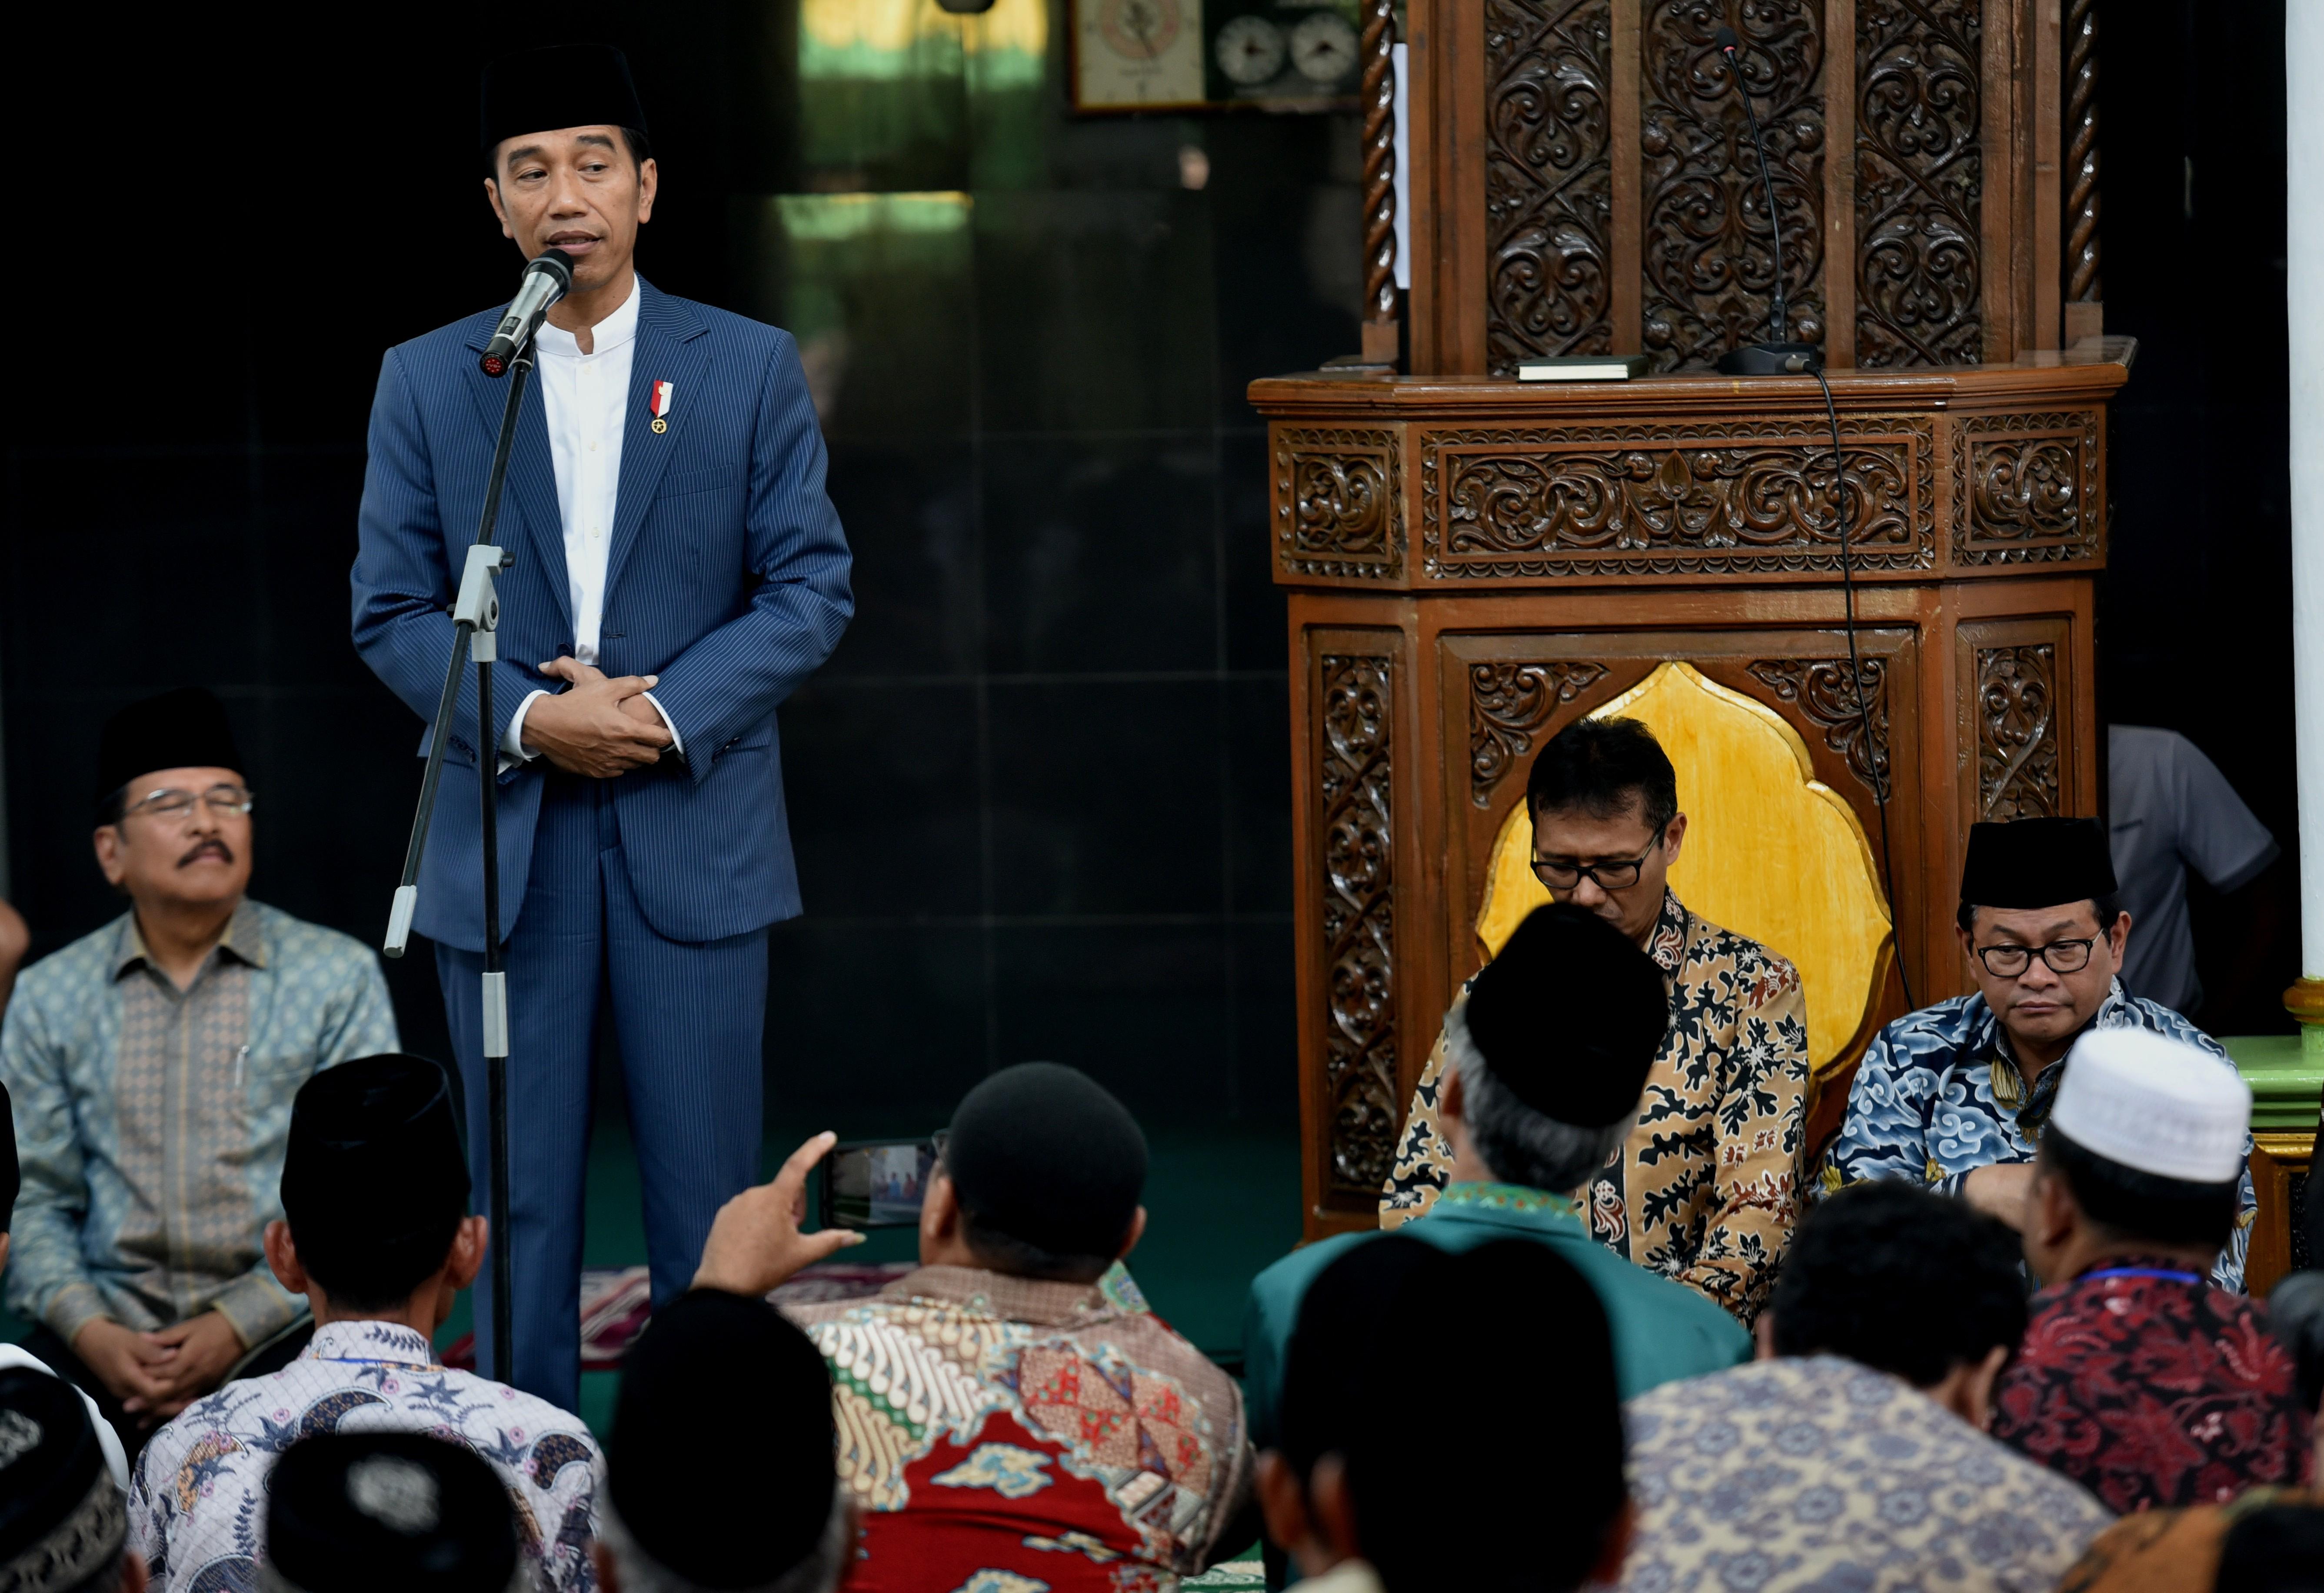 Anggap Dipolitisasi, Presiden Jokowi Tegaskan Perpres Justru Perketat Masuknya Tenaga Kerja Asing